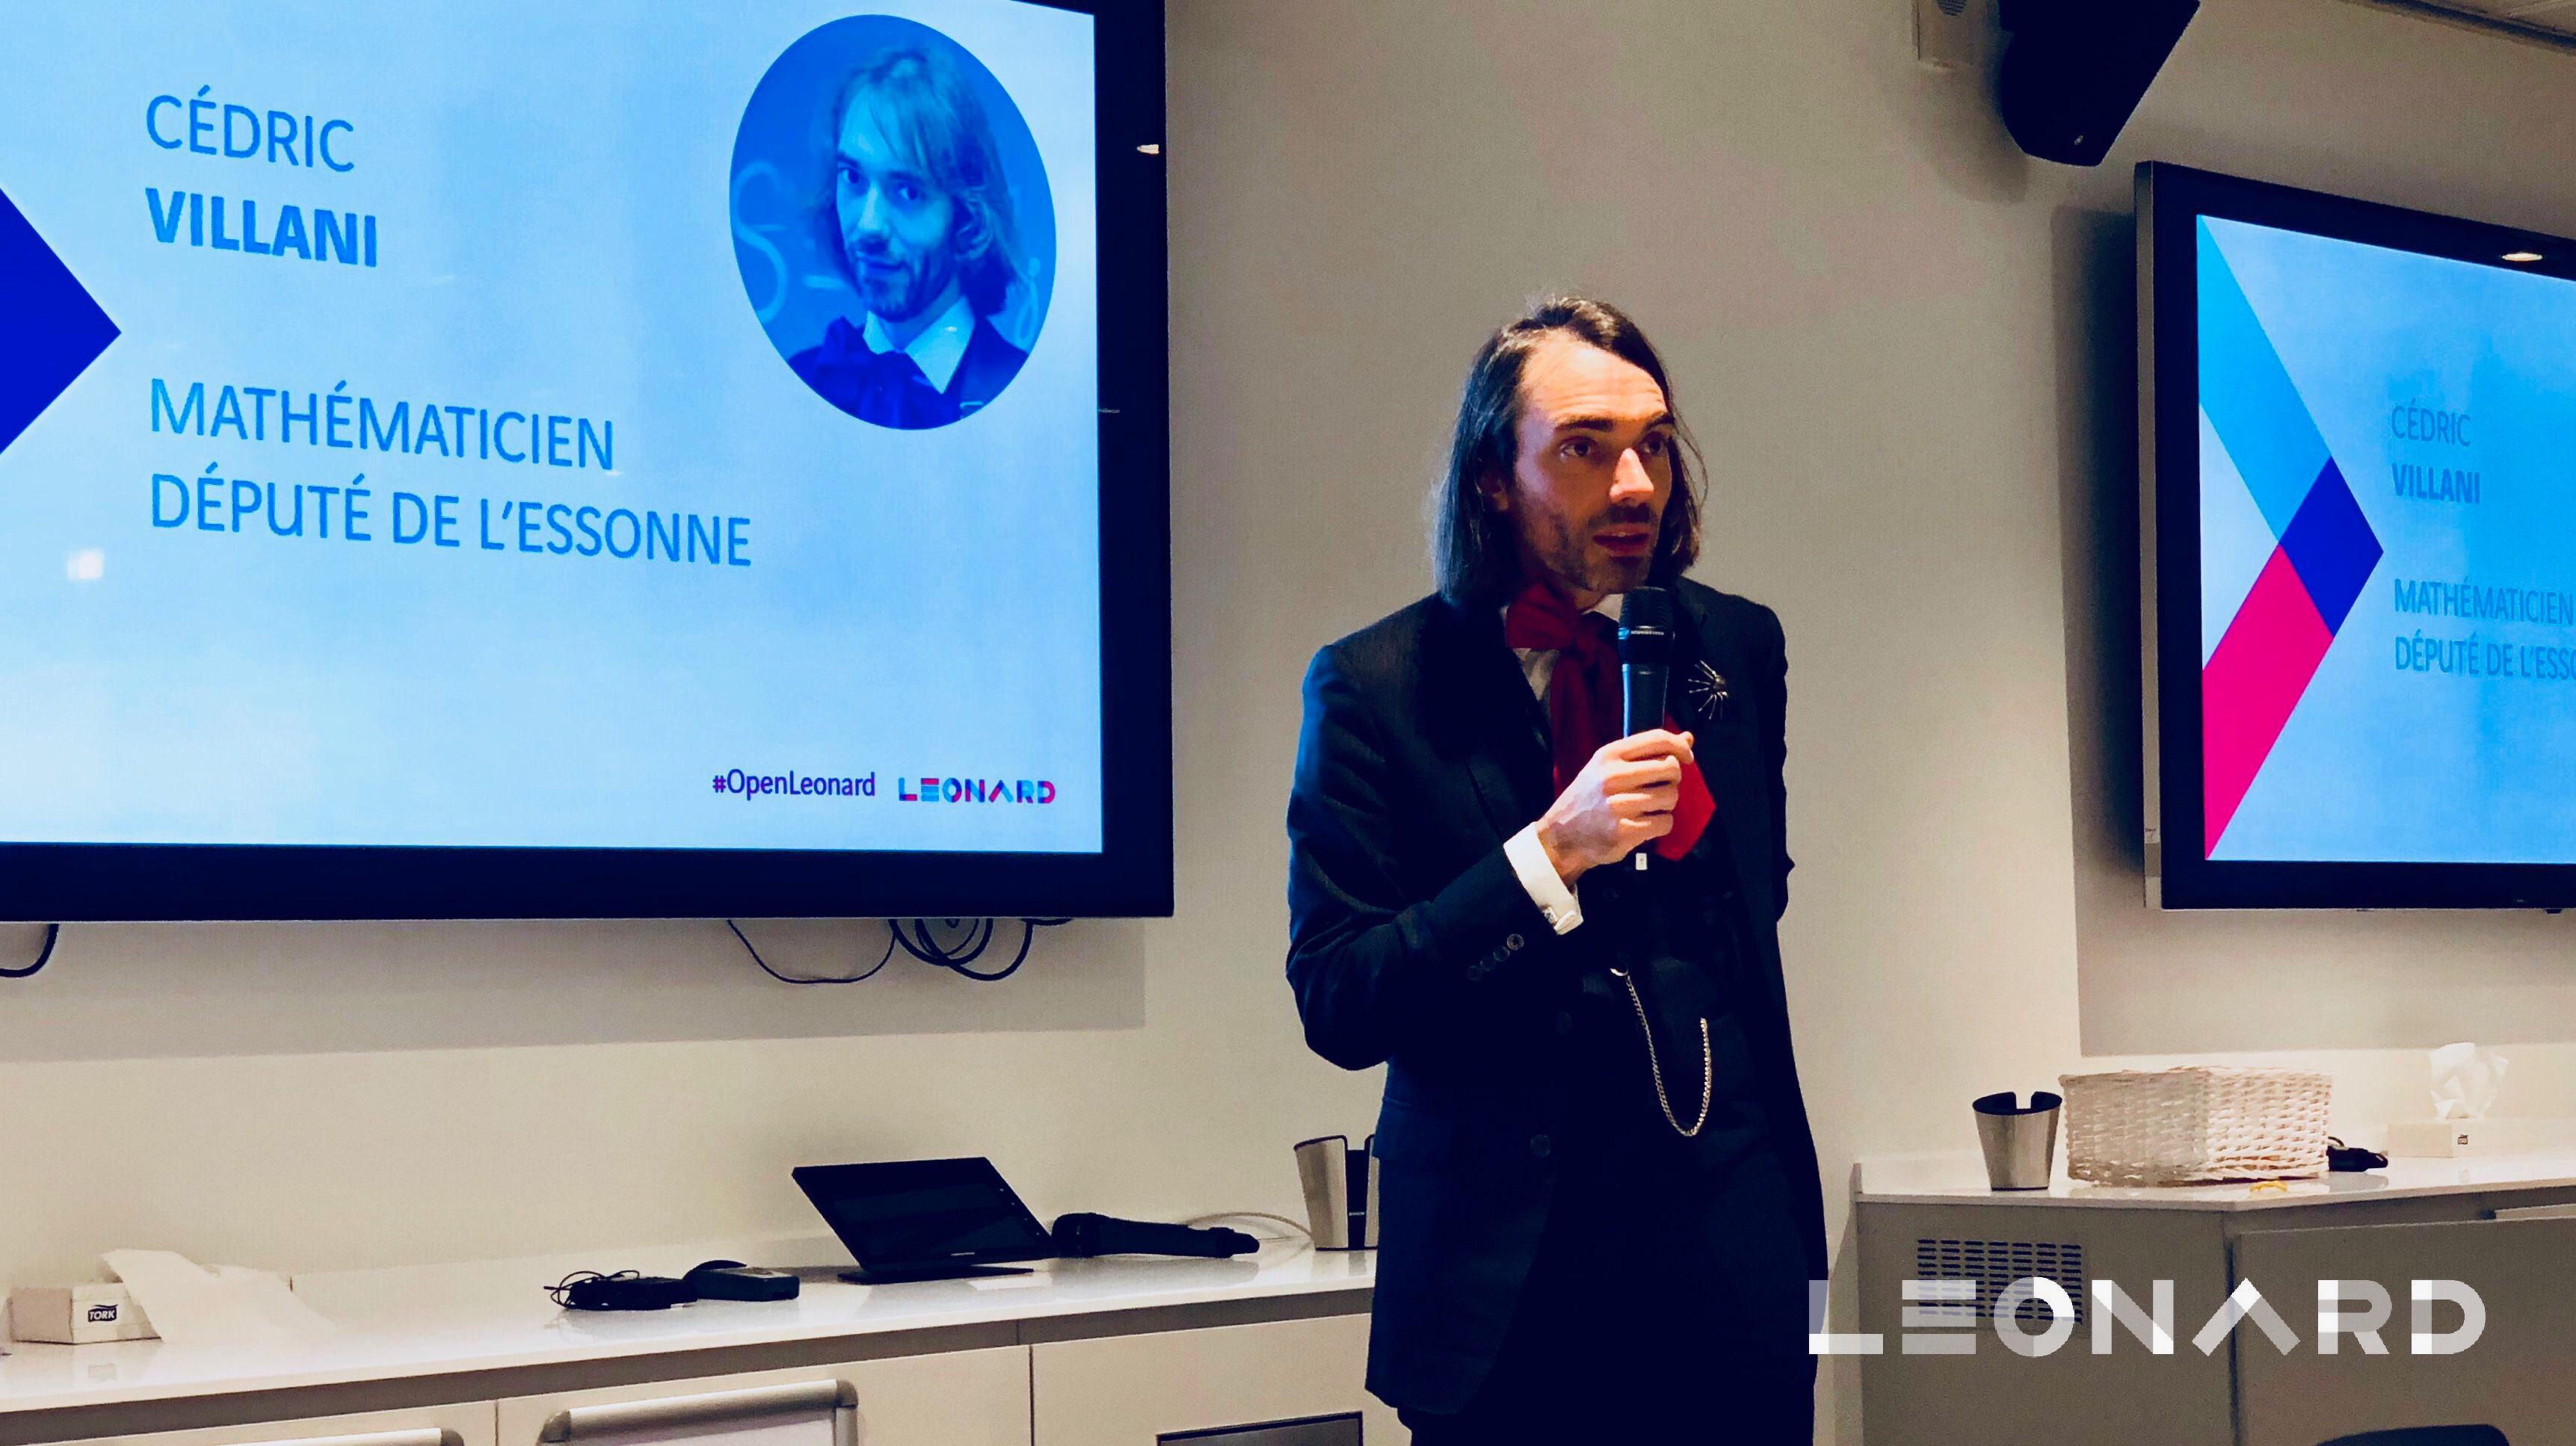 Cédric Villani - Event OpenLeonard IA